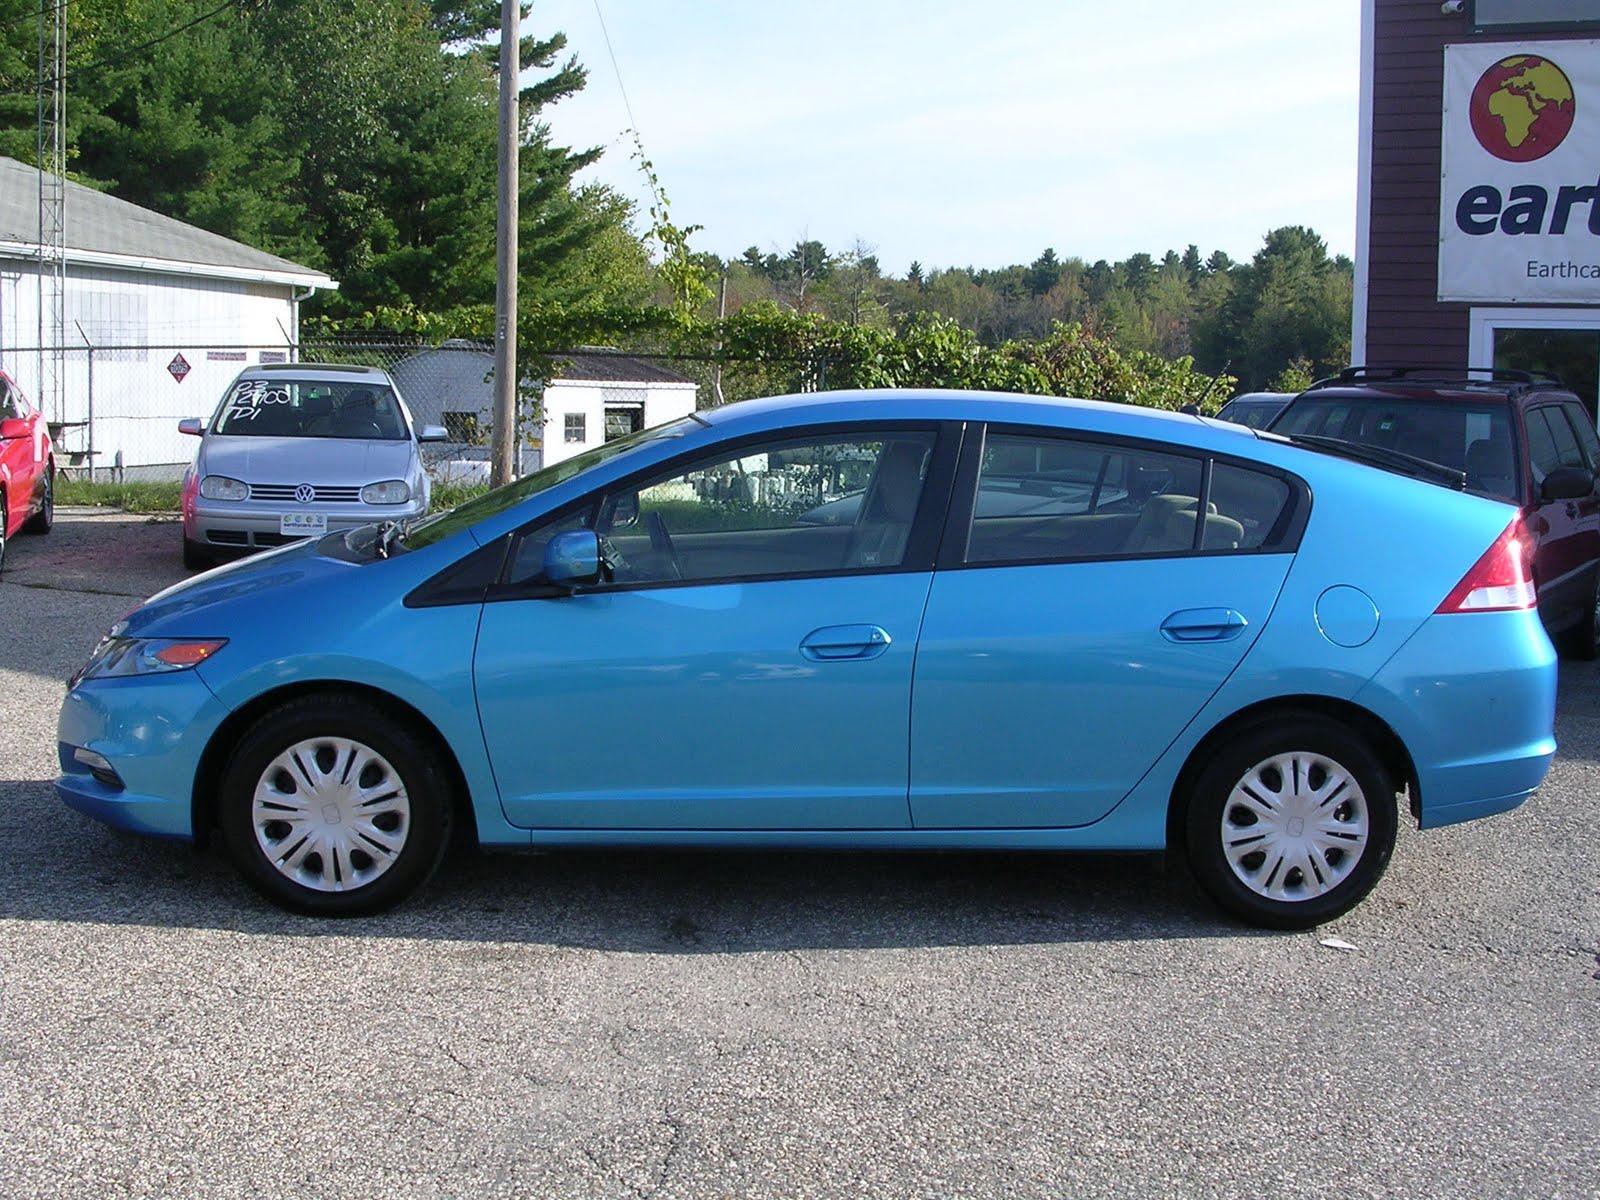 2010 Honda Insight LX, Sedan, Blue, 51400 Mi, $16,900 $14,900  Http://bit.ly/phQlxw Compact, MPG U003d 40/43